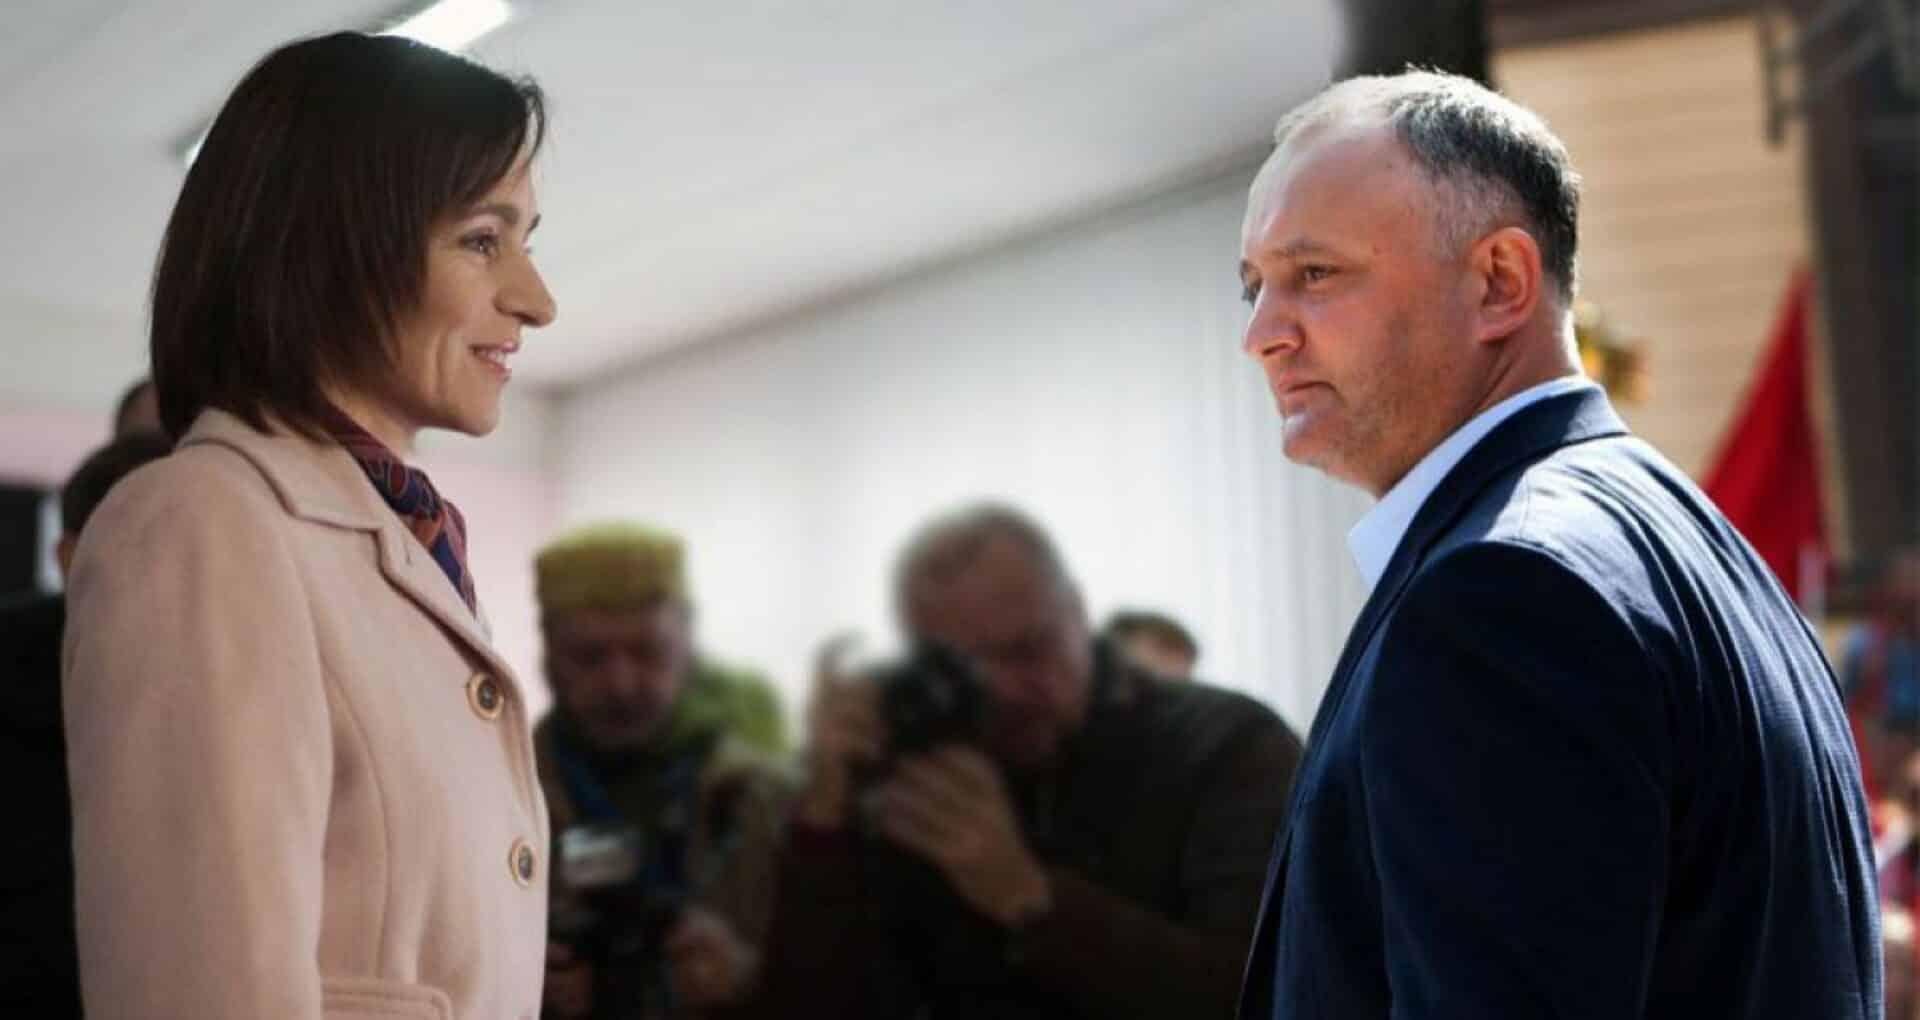 Fost președinte al CC, despre legea SIS promulgată de Dodon: O acțiune de sabotaj clasic, pusă la cale din afara R. Moldova